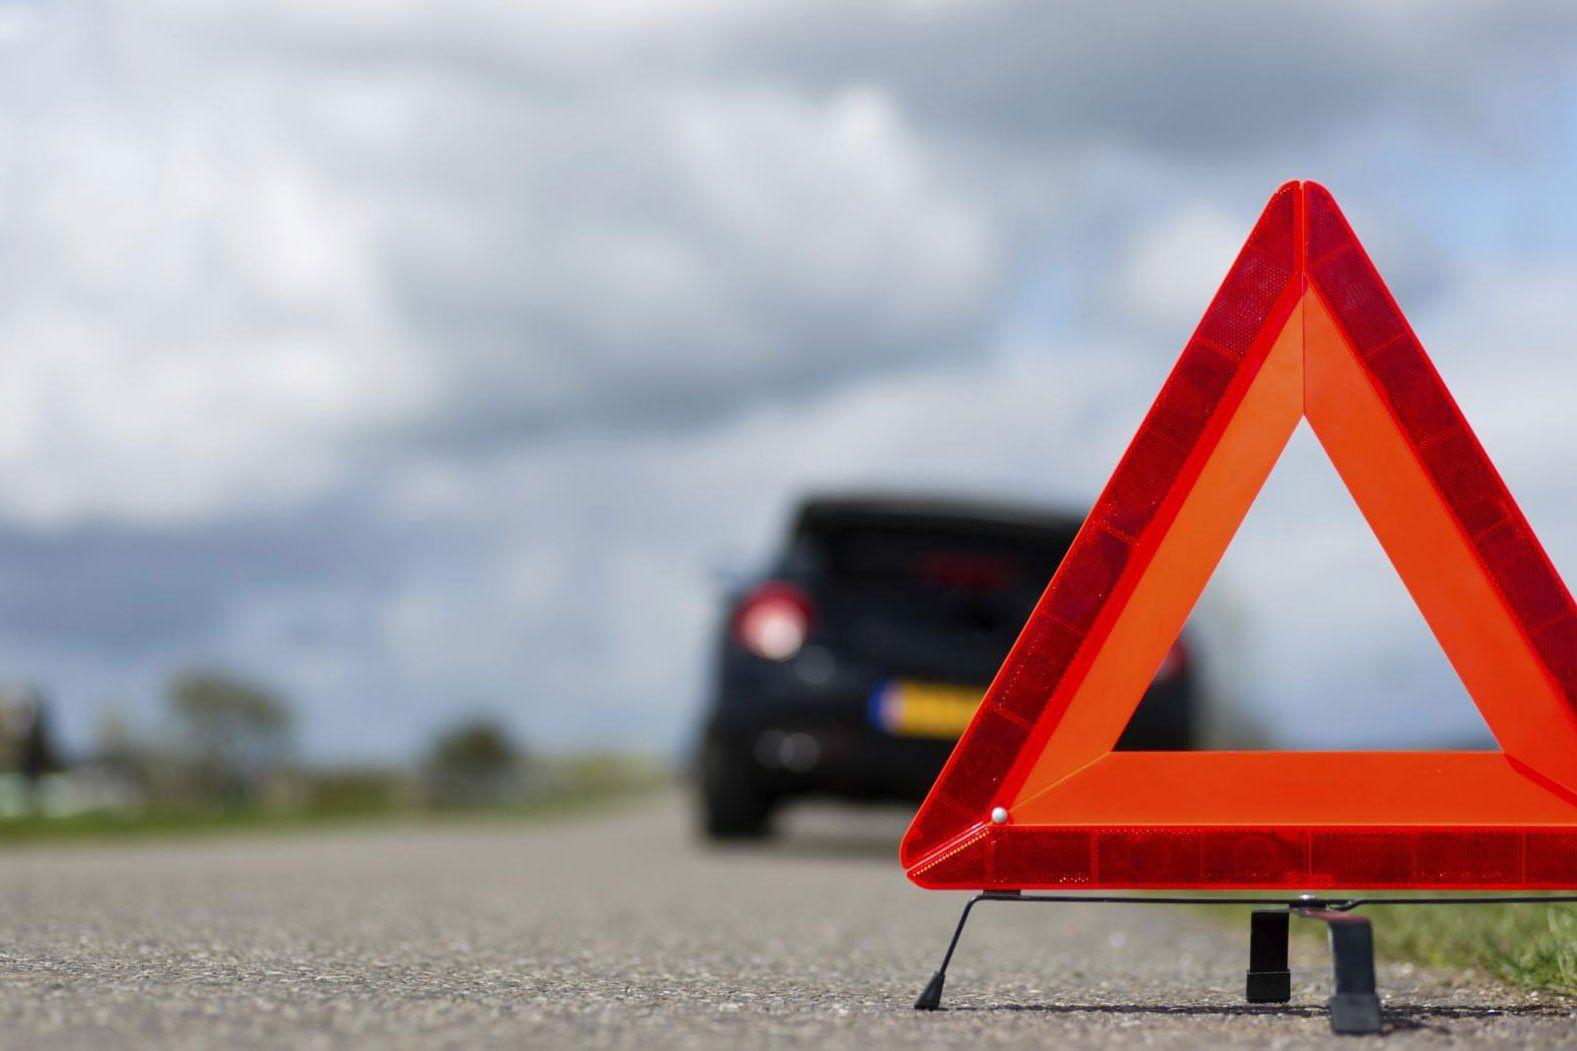 Беременная пассажирка маршрутки пострадала вДТП вНовосибирске